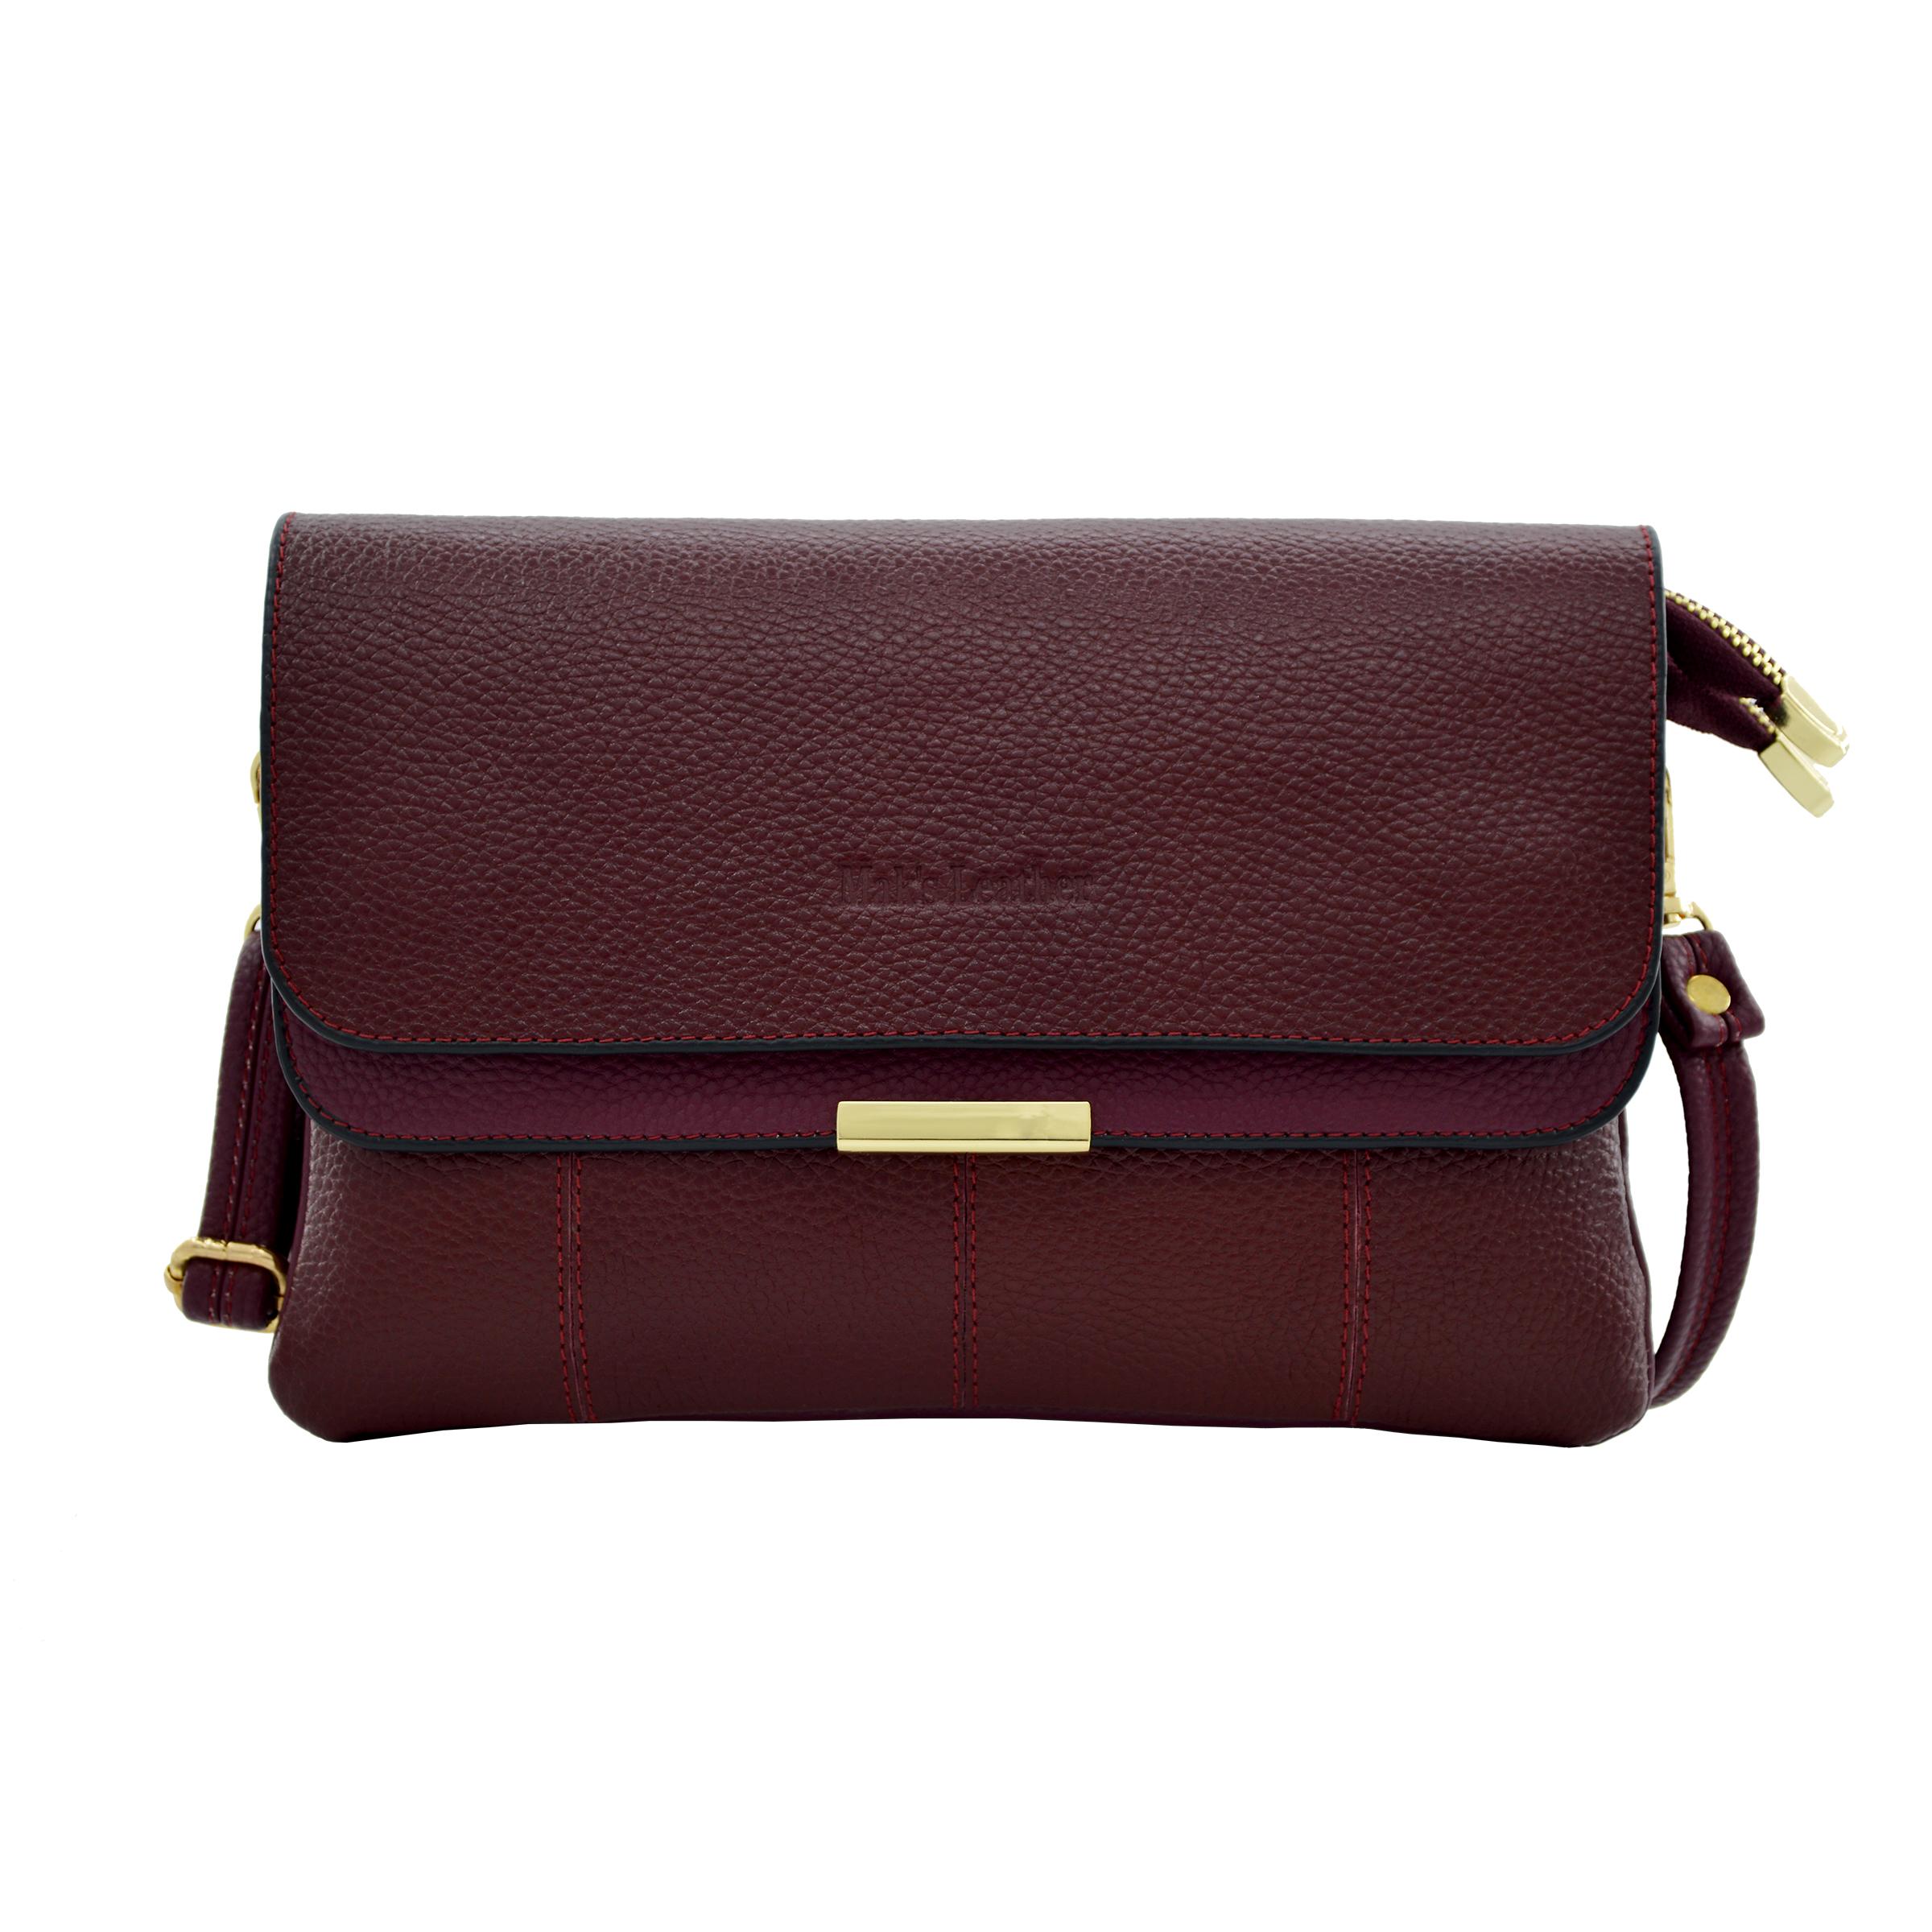 کیف دوشی زنانه چرم مکس مدل آلدورا 10405